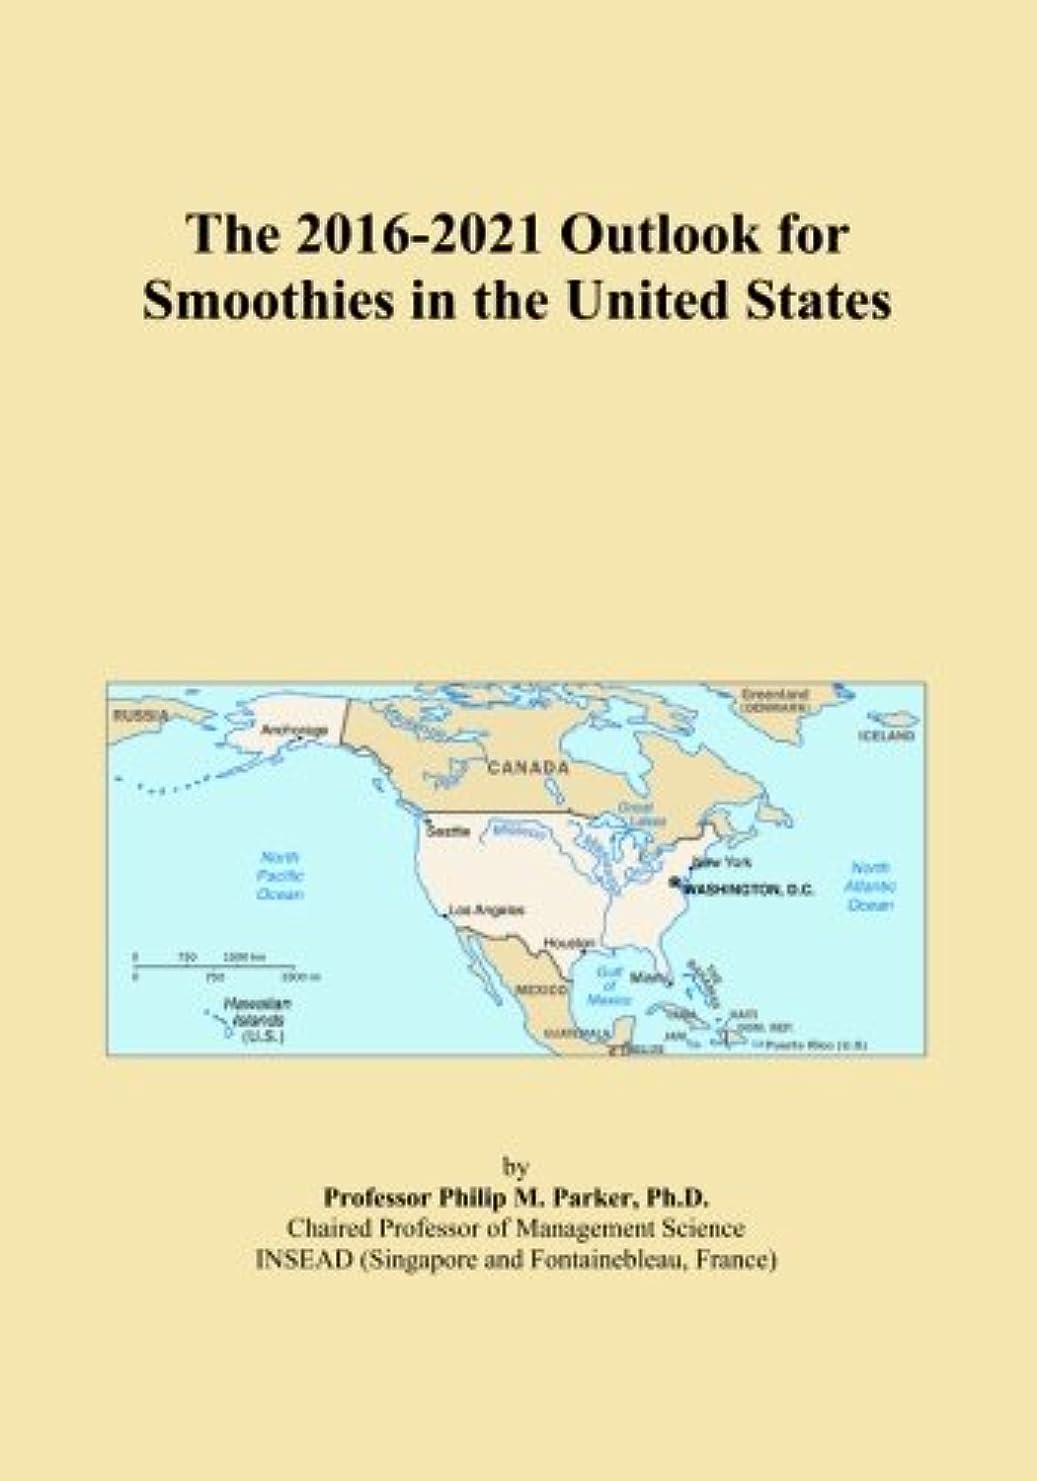 旋回生む説明The 2016-2021 Outlook for Smoothies in the United States